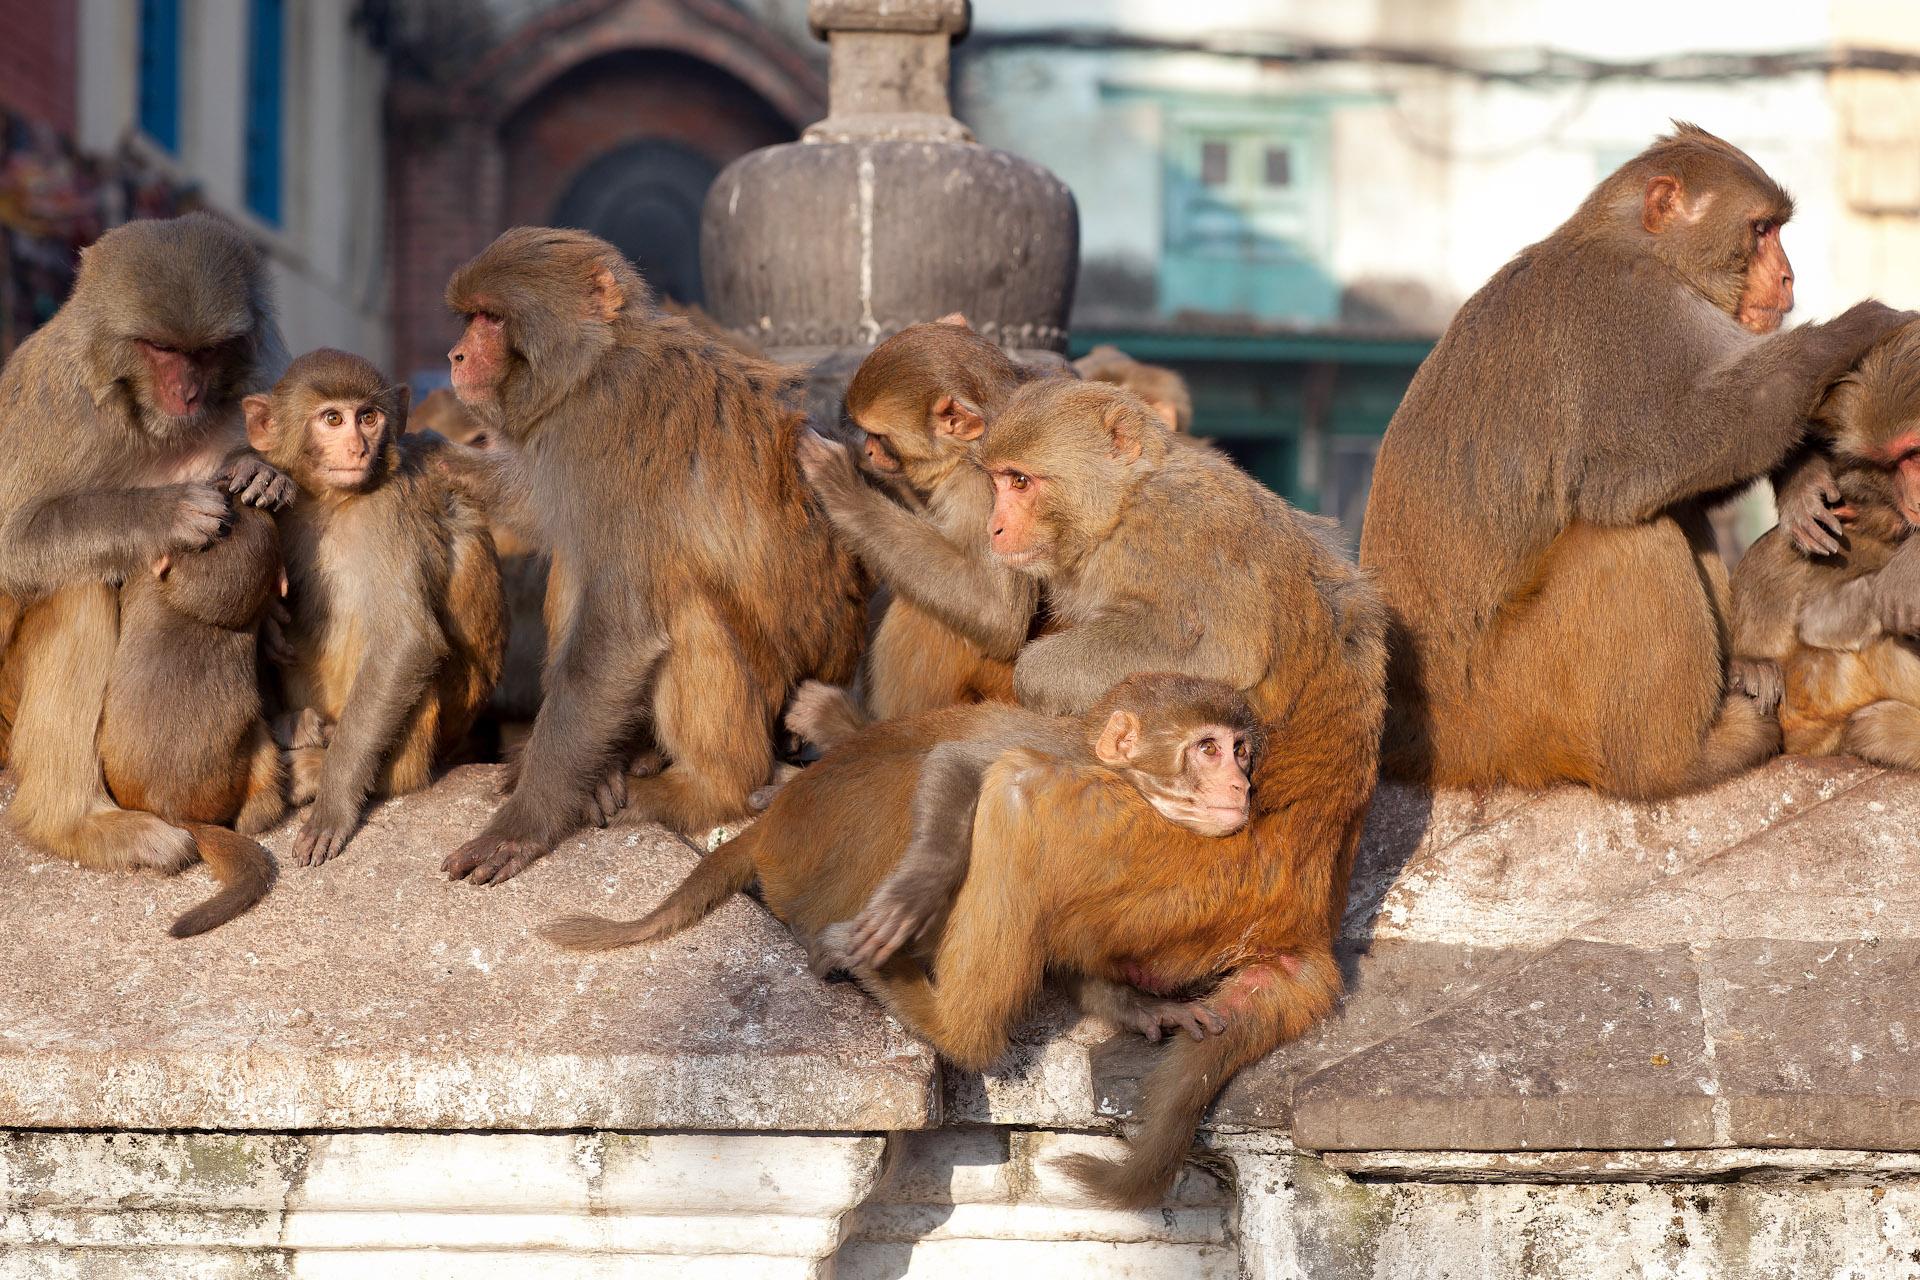 Nepal-Kathmandu-Travel-Swayambhunath-Buddhism-Temple-Monkey.JPG